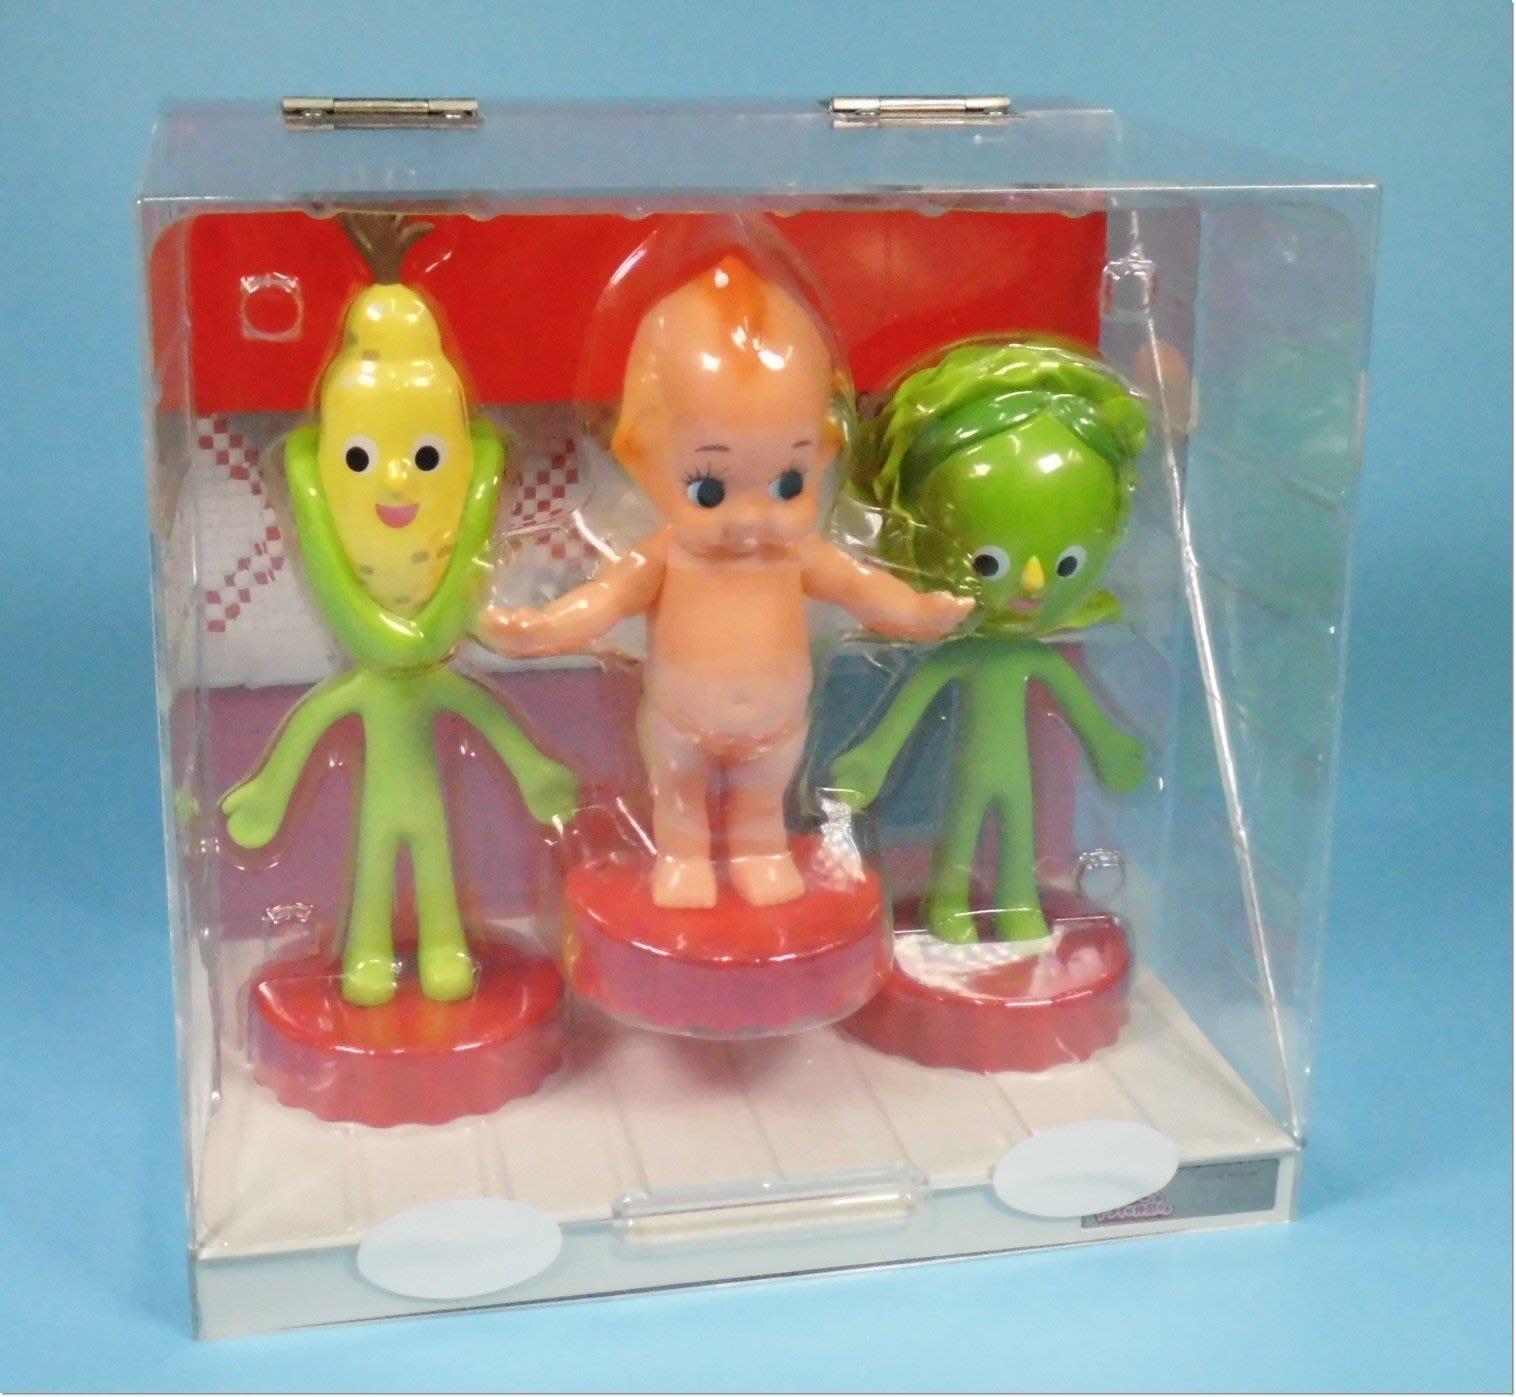 【博雅堂】懷舊  日本  Q比  美乃滋   展示盒娃娃   特別號碼 101  丘比